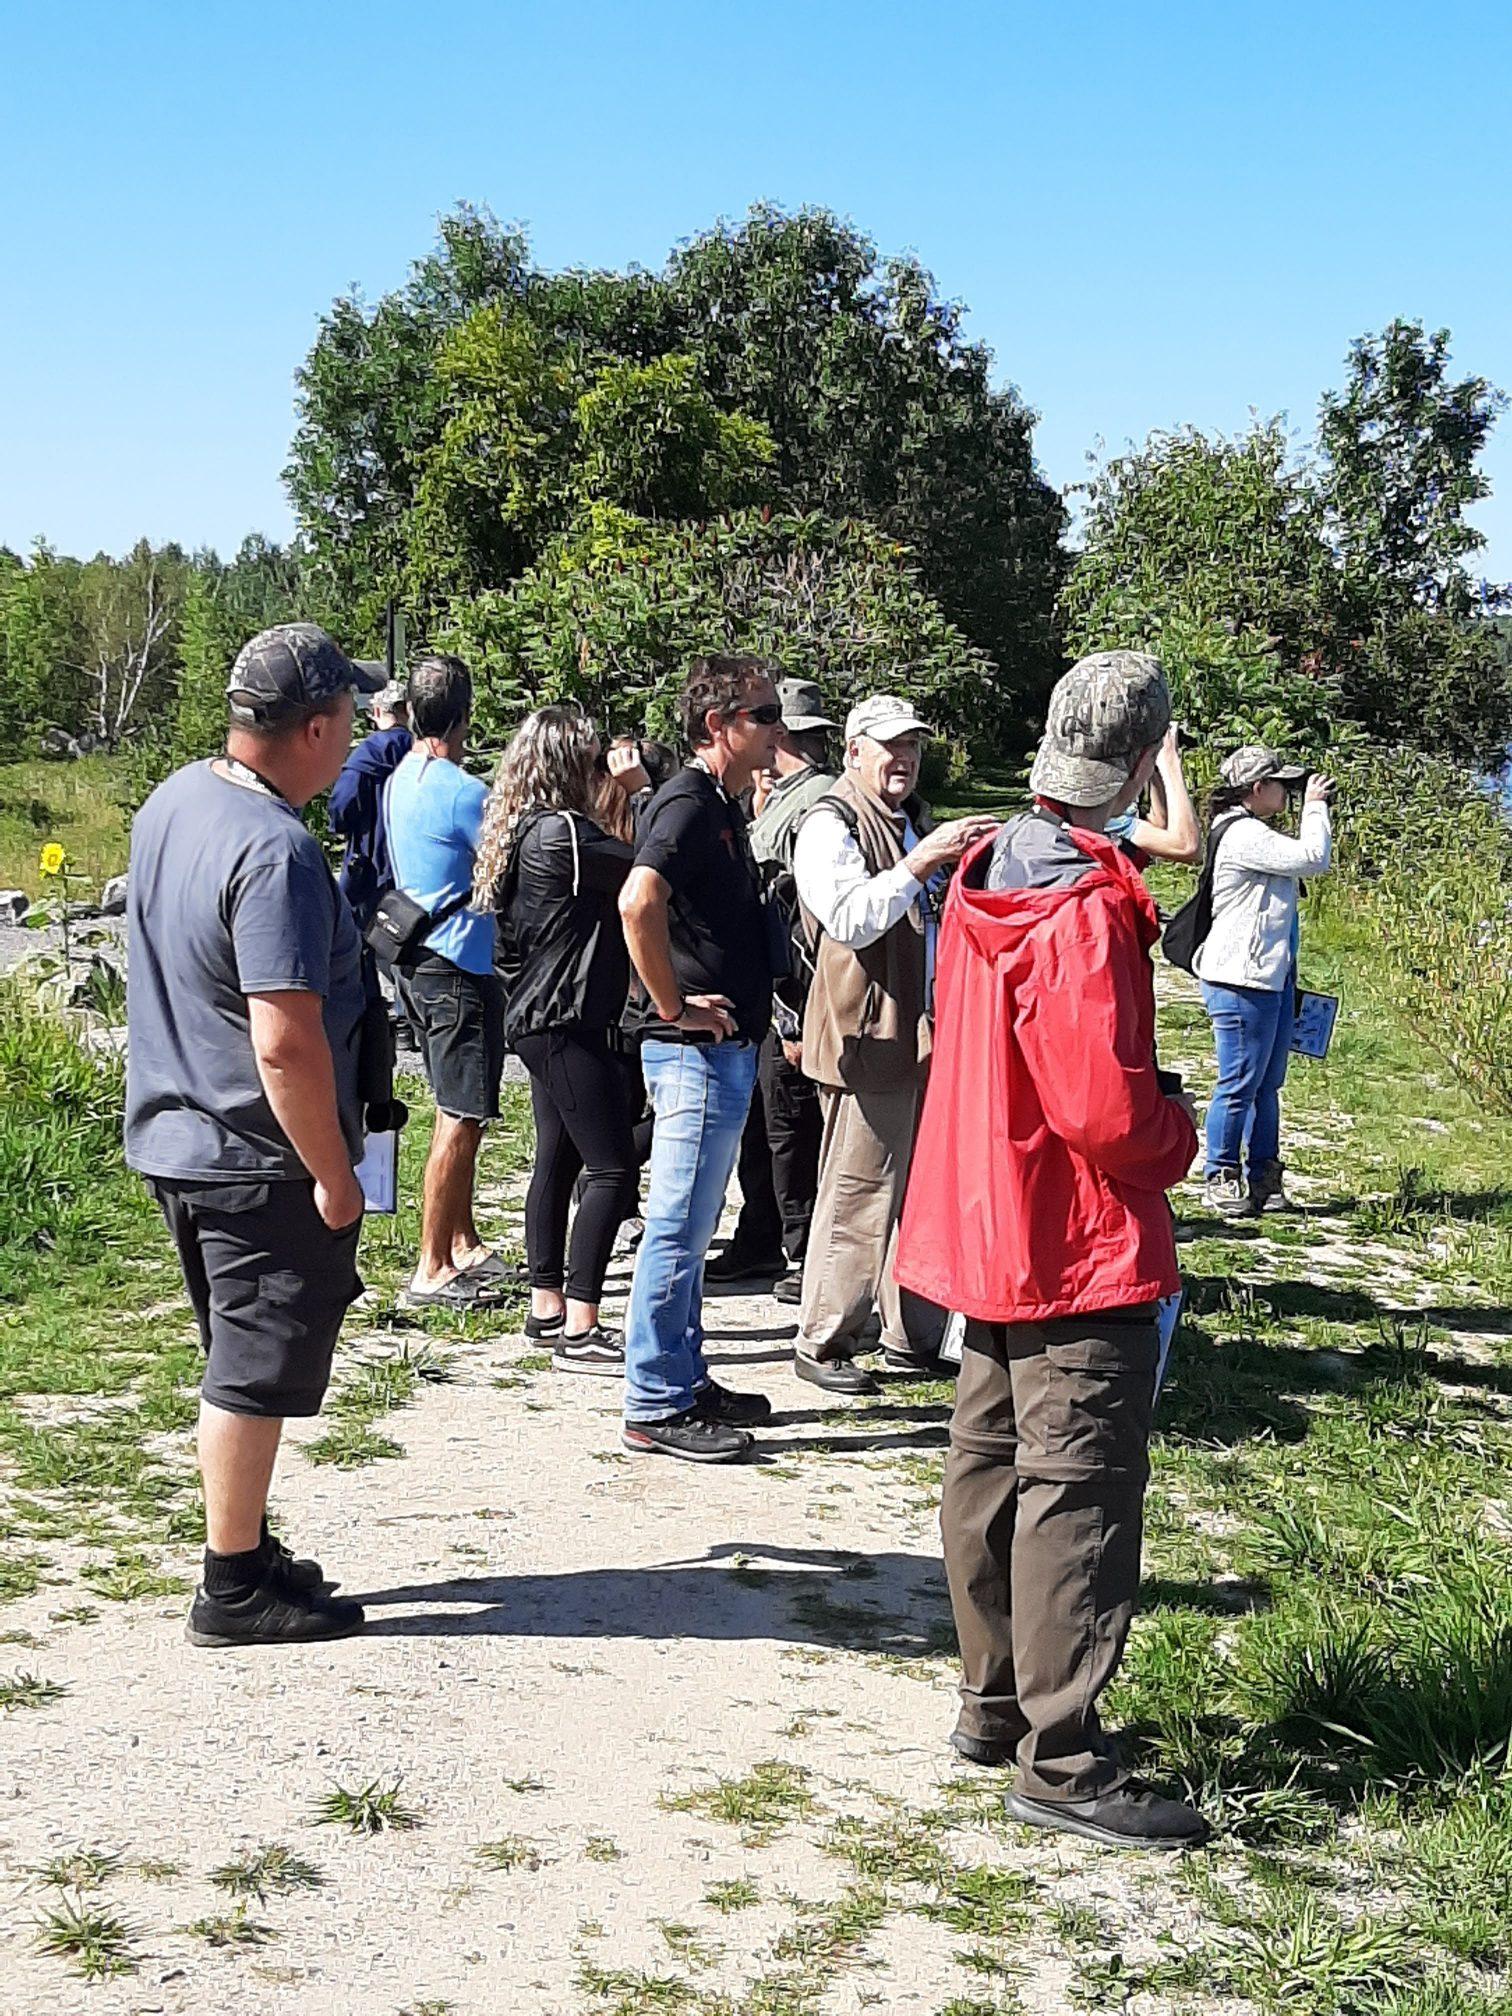 Les jeunes chasseurs de sauvagine sont initiés par Réginald Ouellet à l'observation des canards le long de la digue au marais Léon-Provancher, le 25 août 2019. Un autre bel exemple de la fréquentation de la Réserve naturelle du Marais-Léon-Provancher. Photo : Pierre Lapointe.